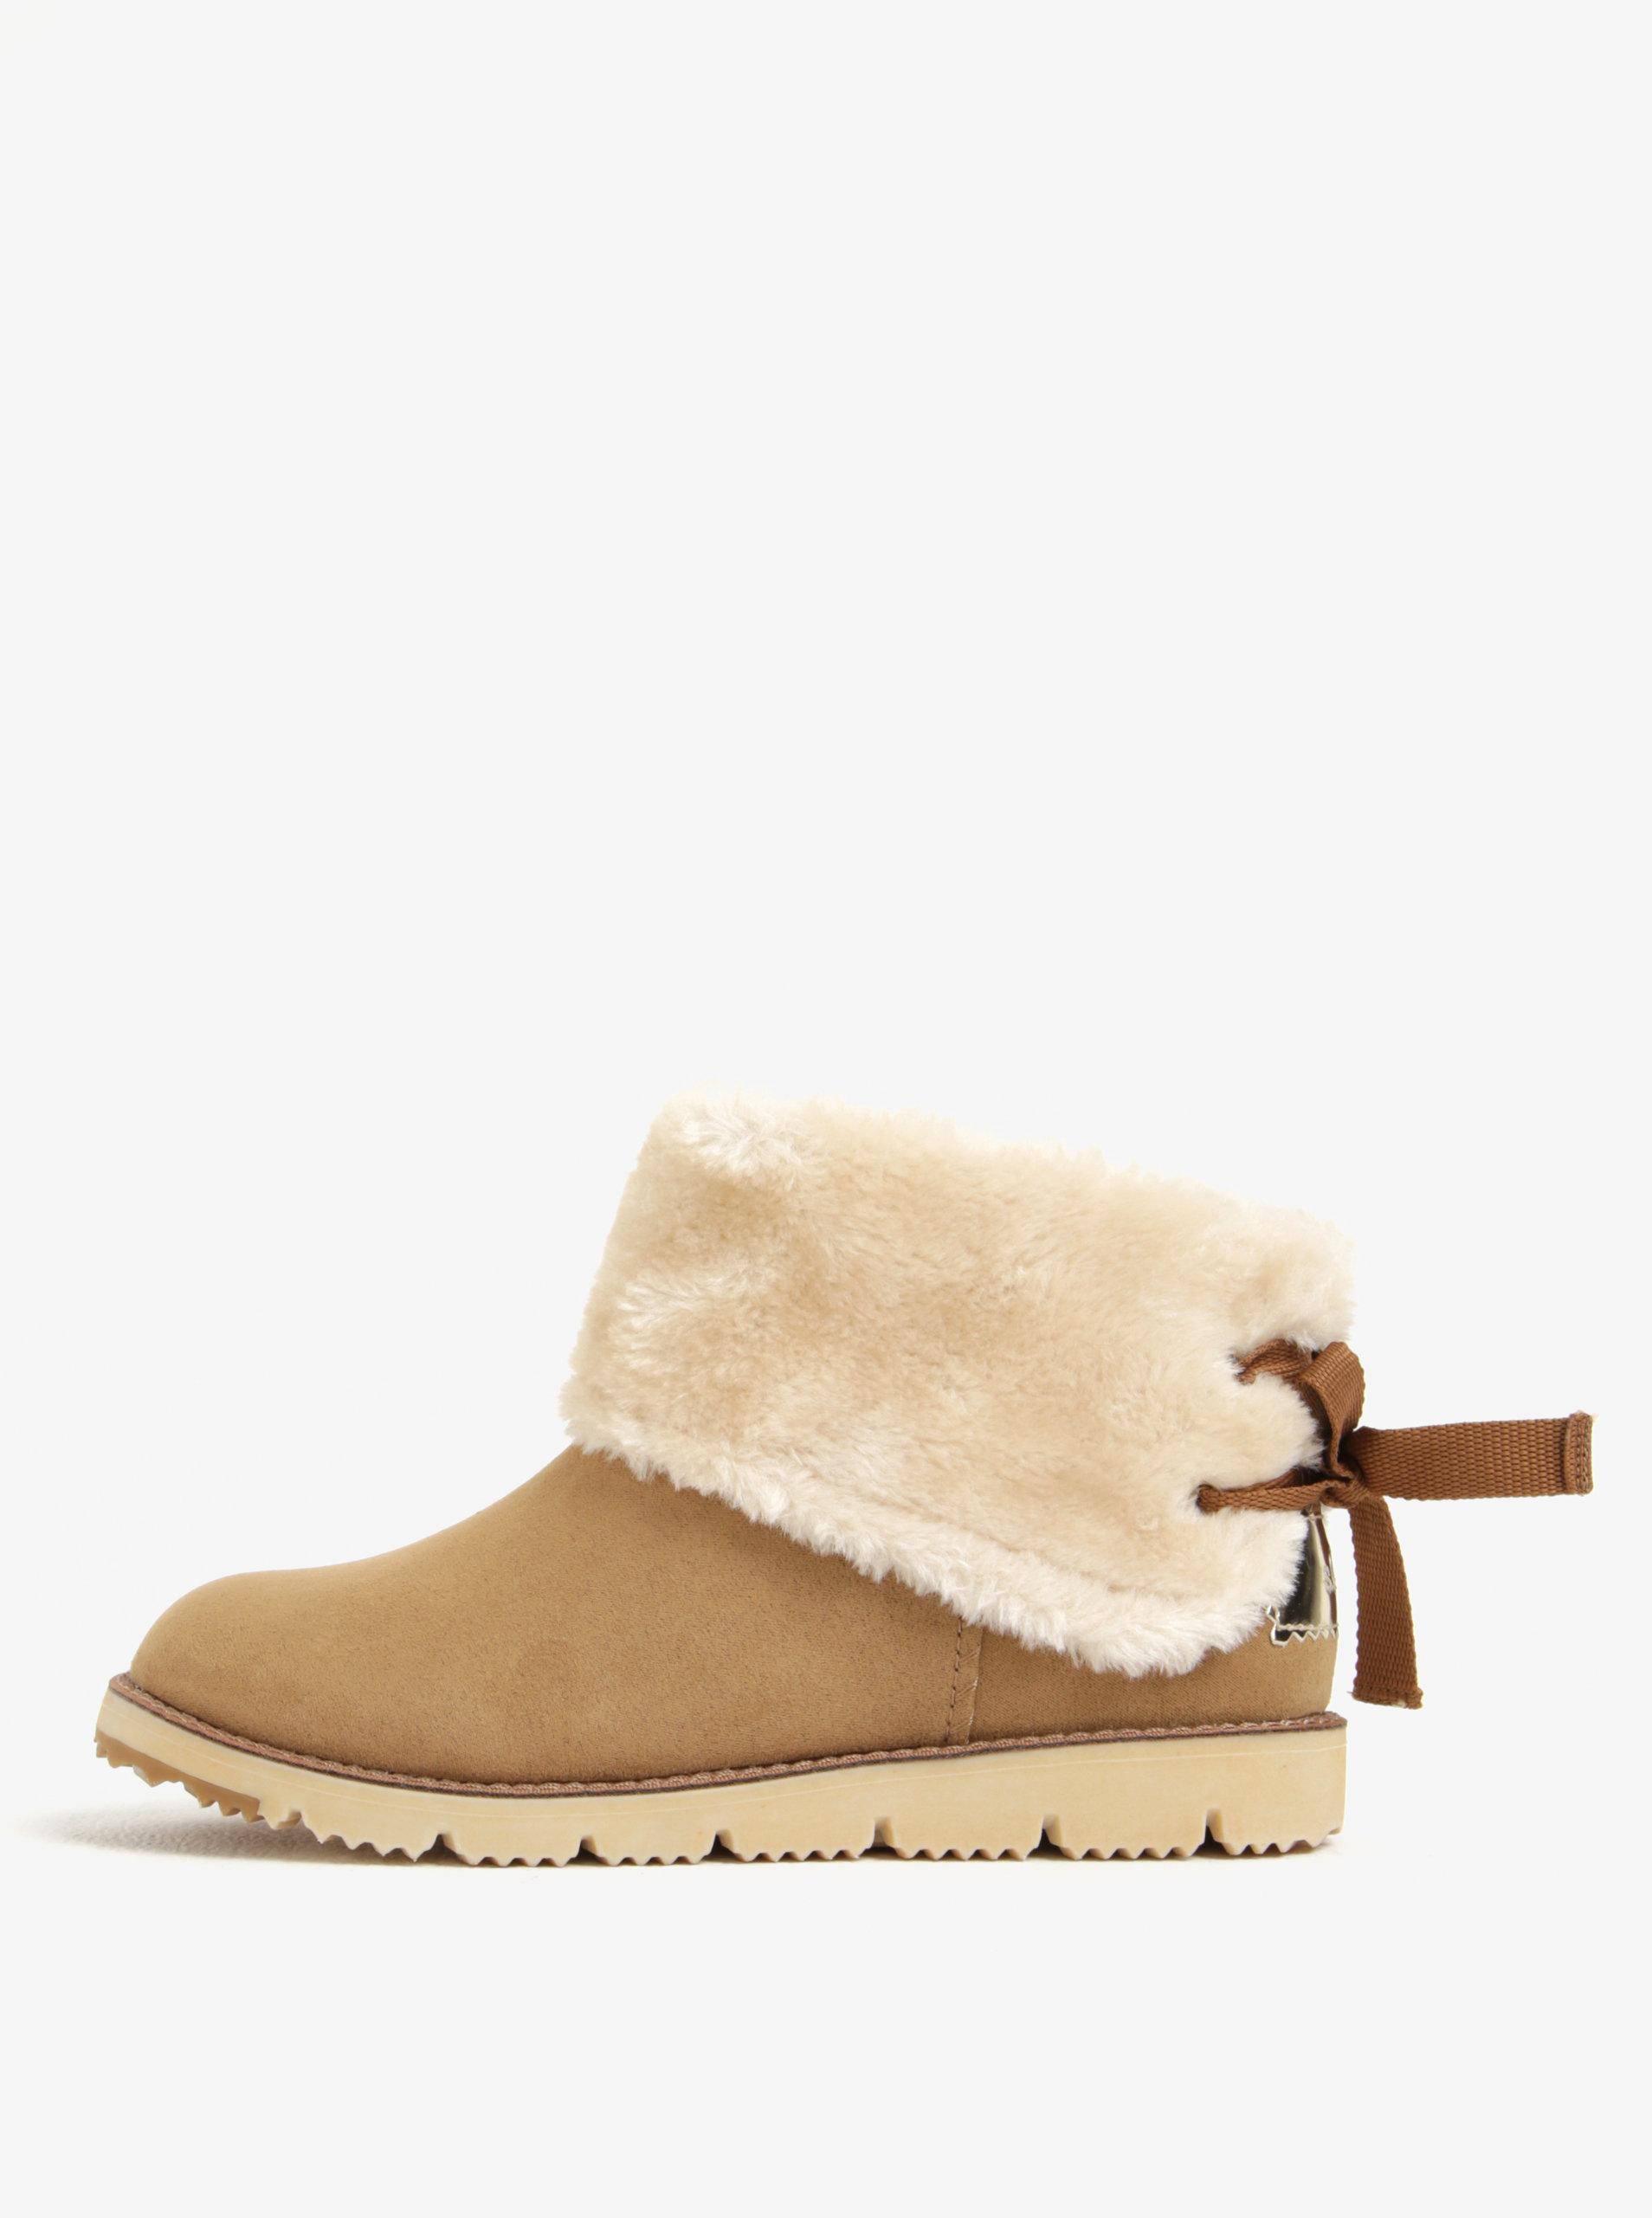 251c870adf0a Svetlohnedé dámske zimné členkové topánky v semišovej úprave s ...